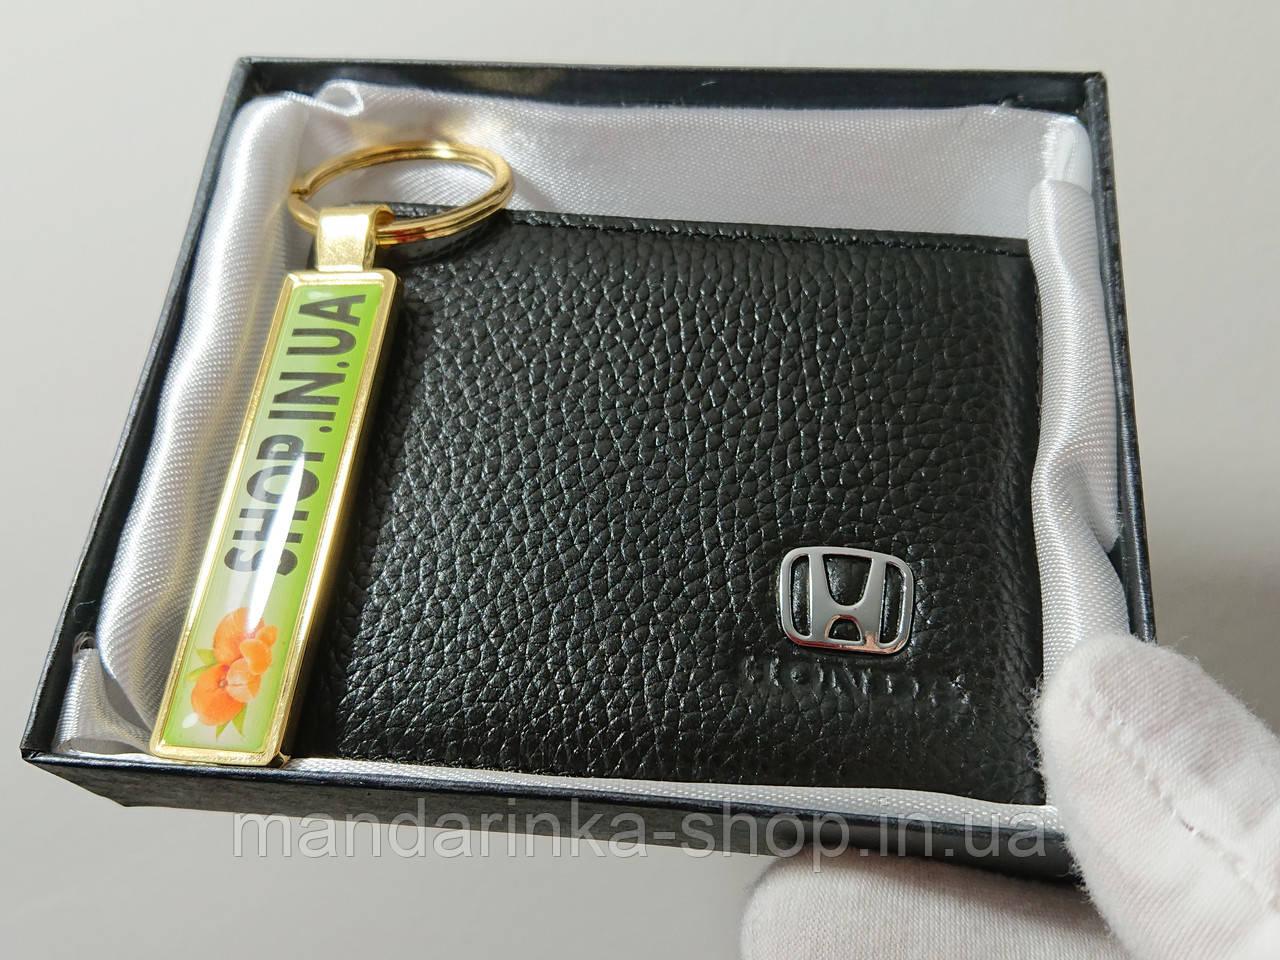 Обкладинка для автодокументів, картхолдер Honda